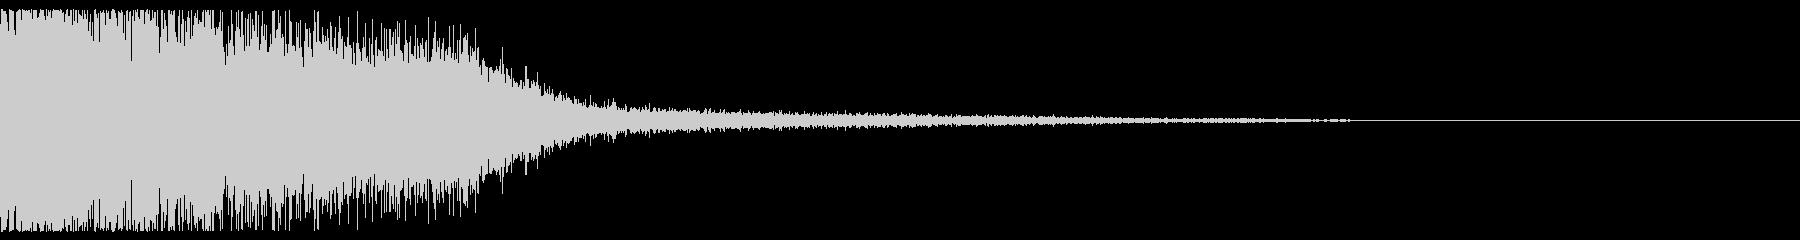 ドカーン(魔法攻撃)の未再生の波形